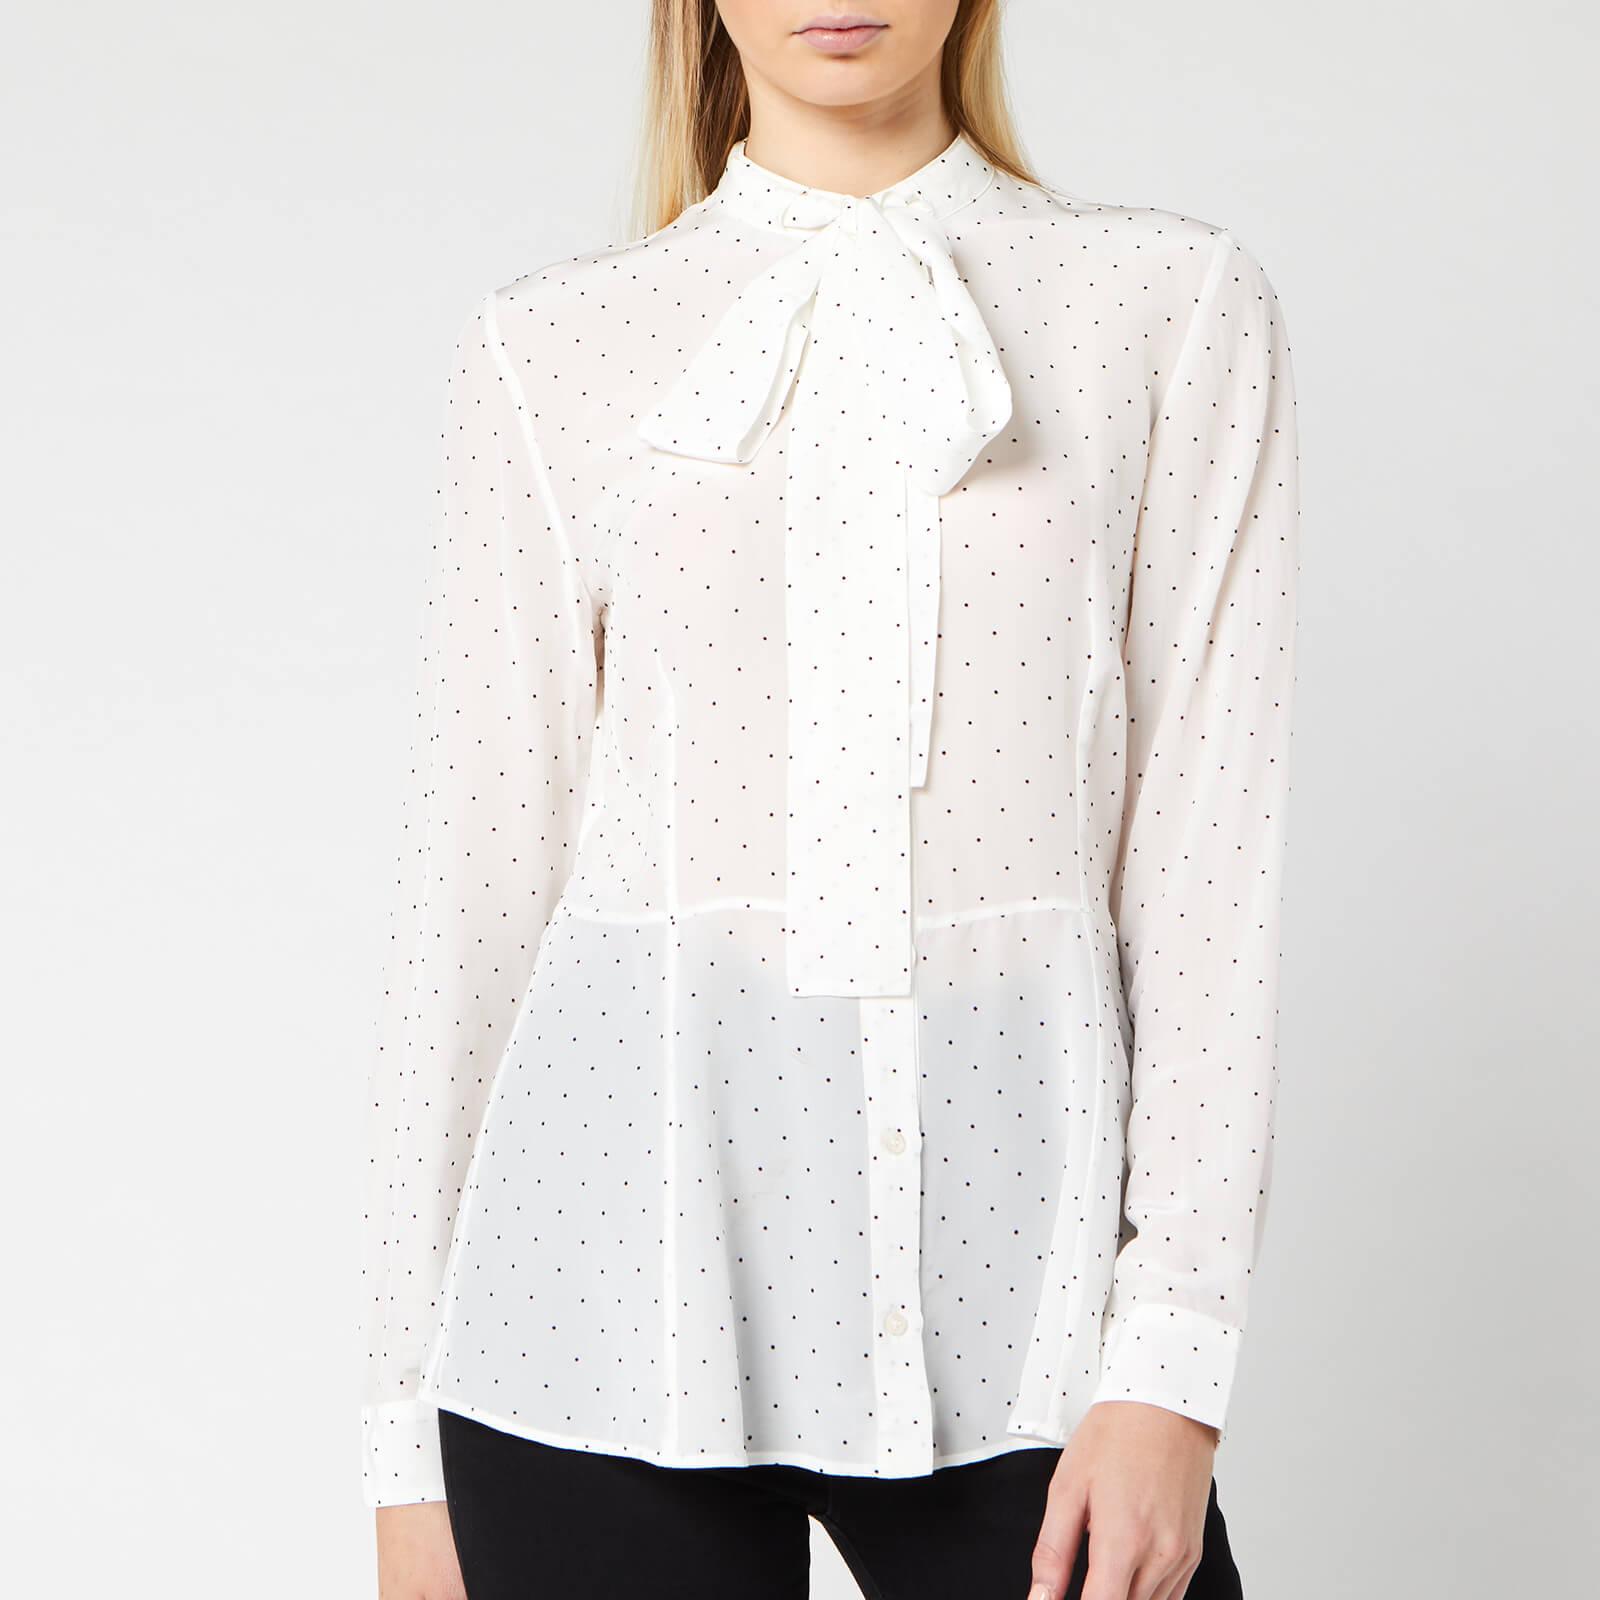 Boss Women's Elkasia Blouse - White Polka Dot - UK 14